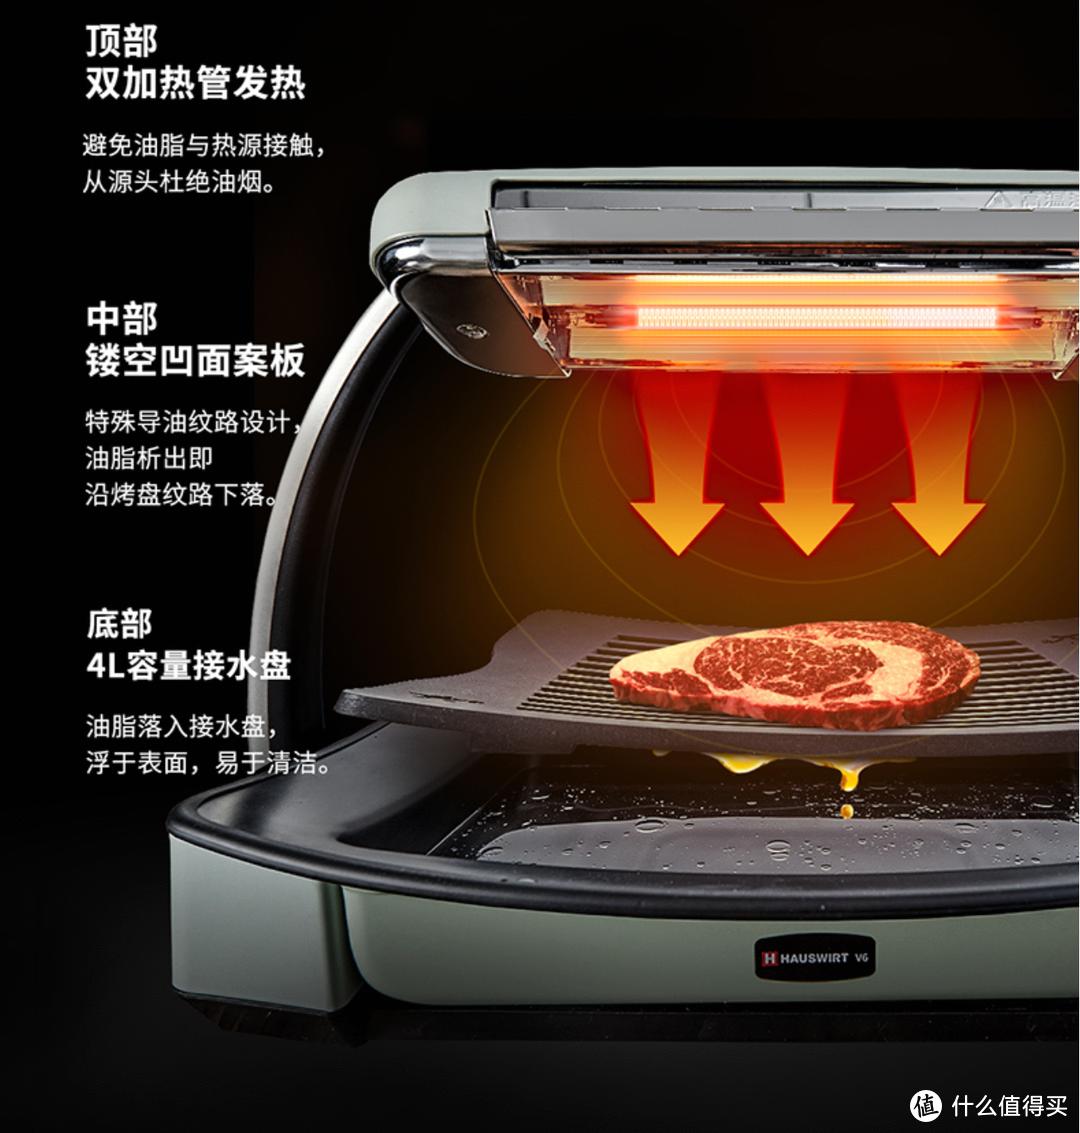 吹着空调吃着烤肉 健康烧烤如此轻松 海氏V6无烟快烤炉 使用评测